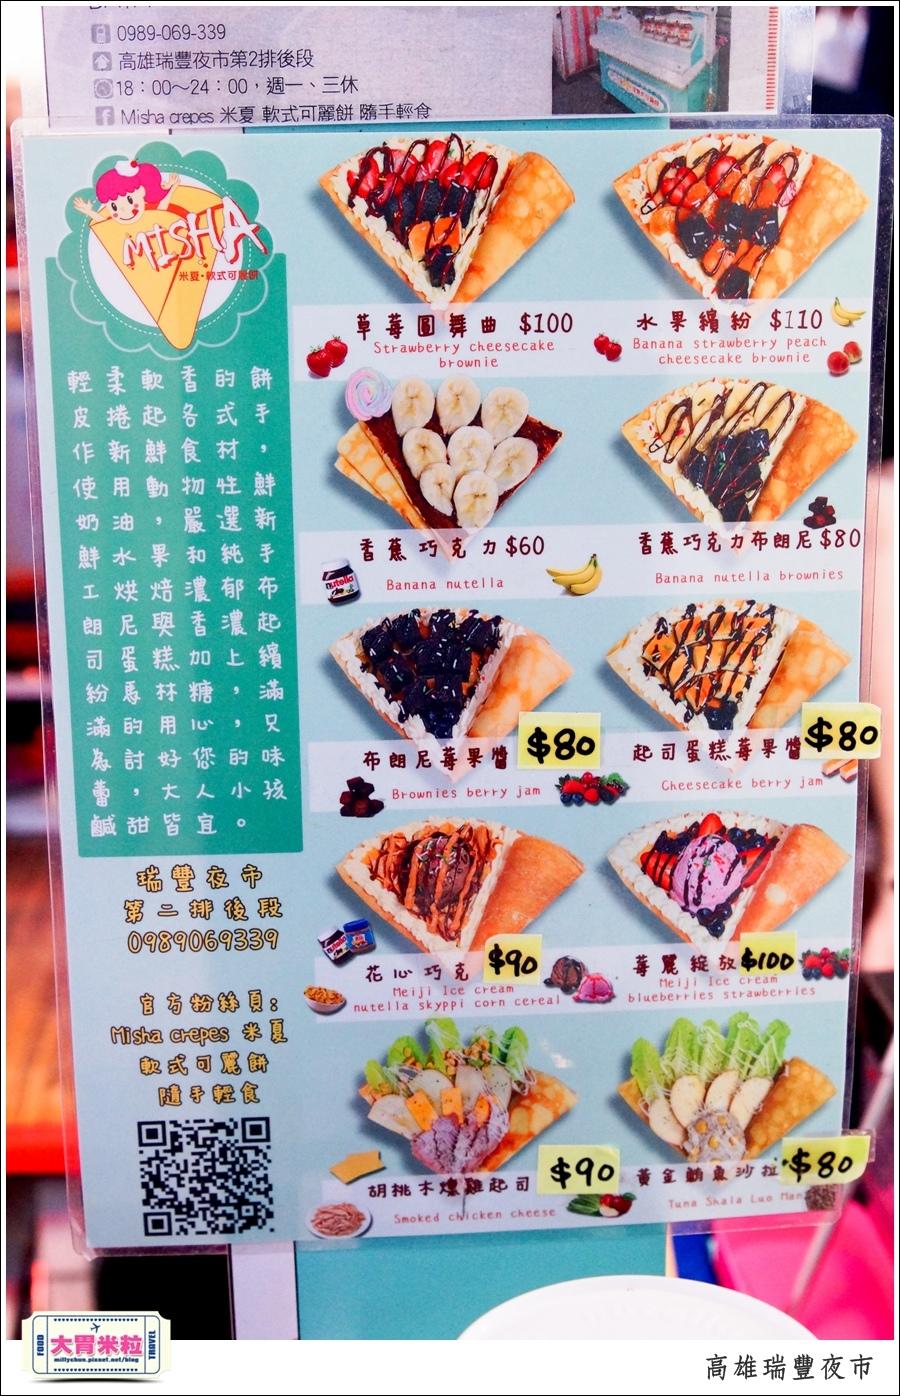 高雄瑞豐夜市必吃推薦@米夏軟式可麗餅推薦@大胃米粒0006.jpg